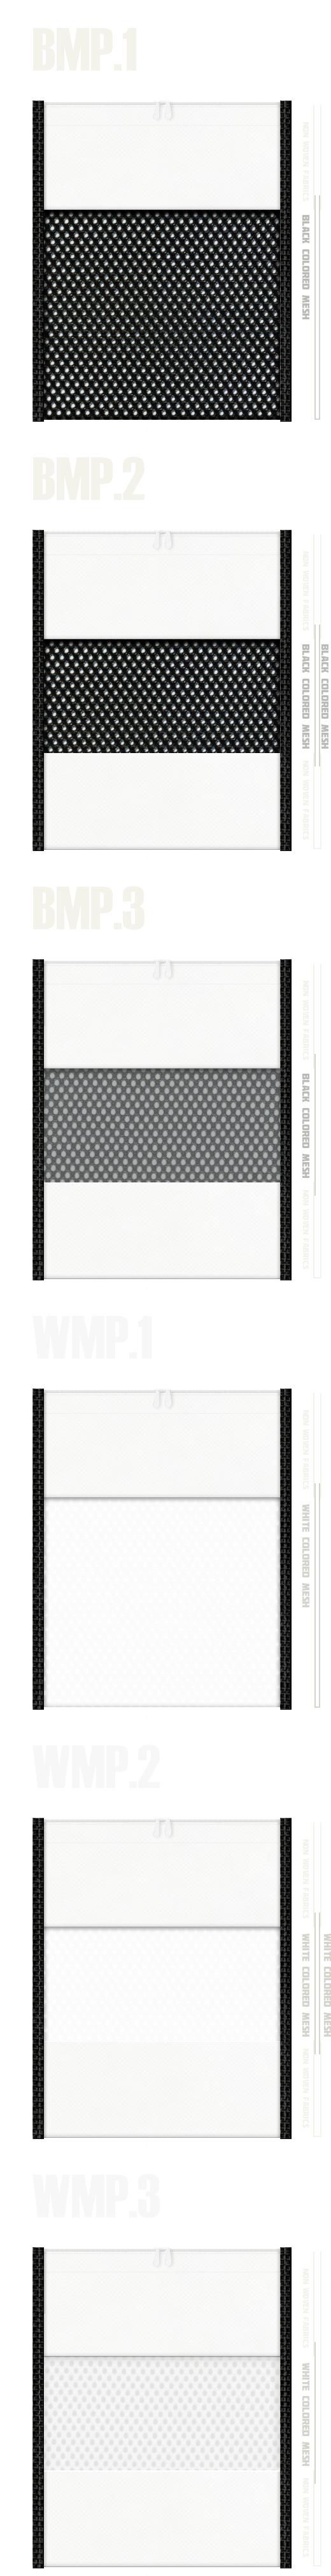 メッシュポーチのカラーシミュレーション:黒色・白色メッシュとオフホワイト色不織布の組み合わせ